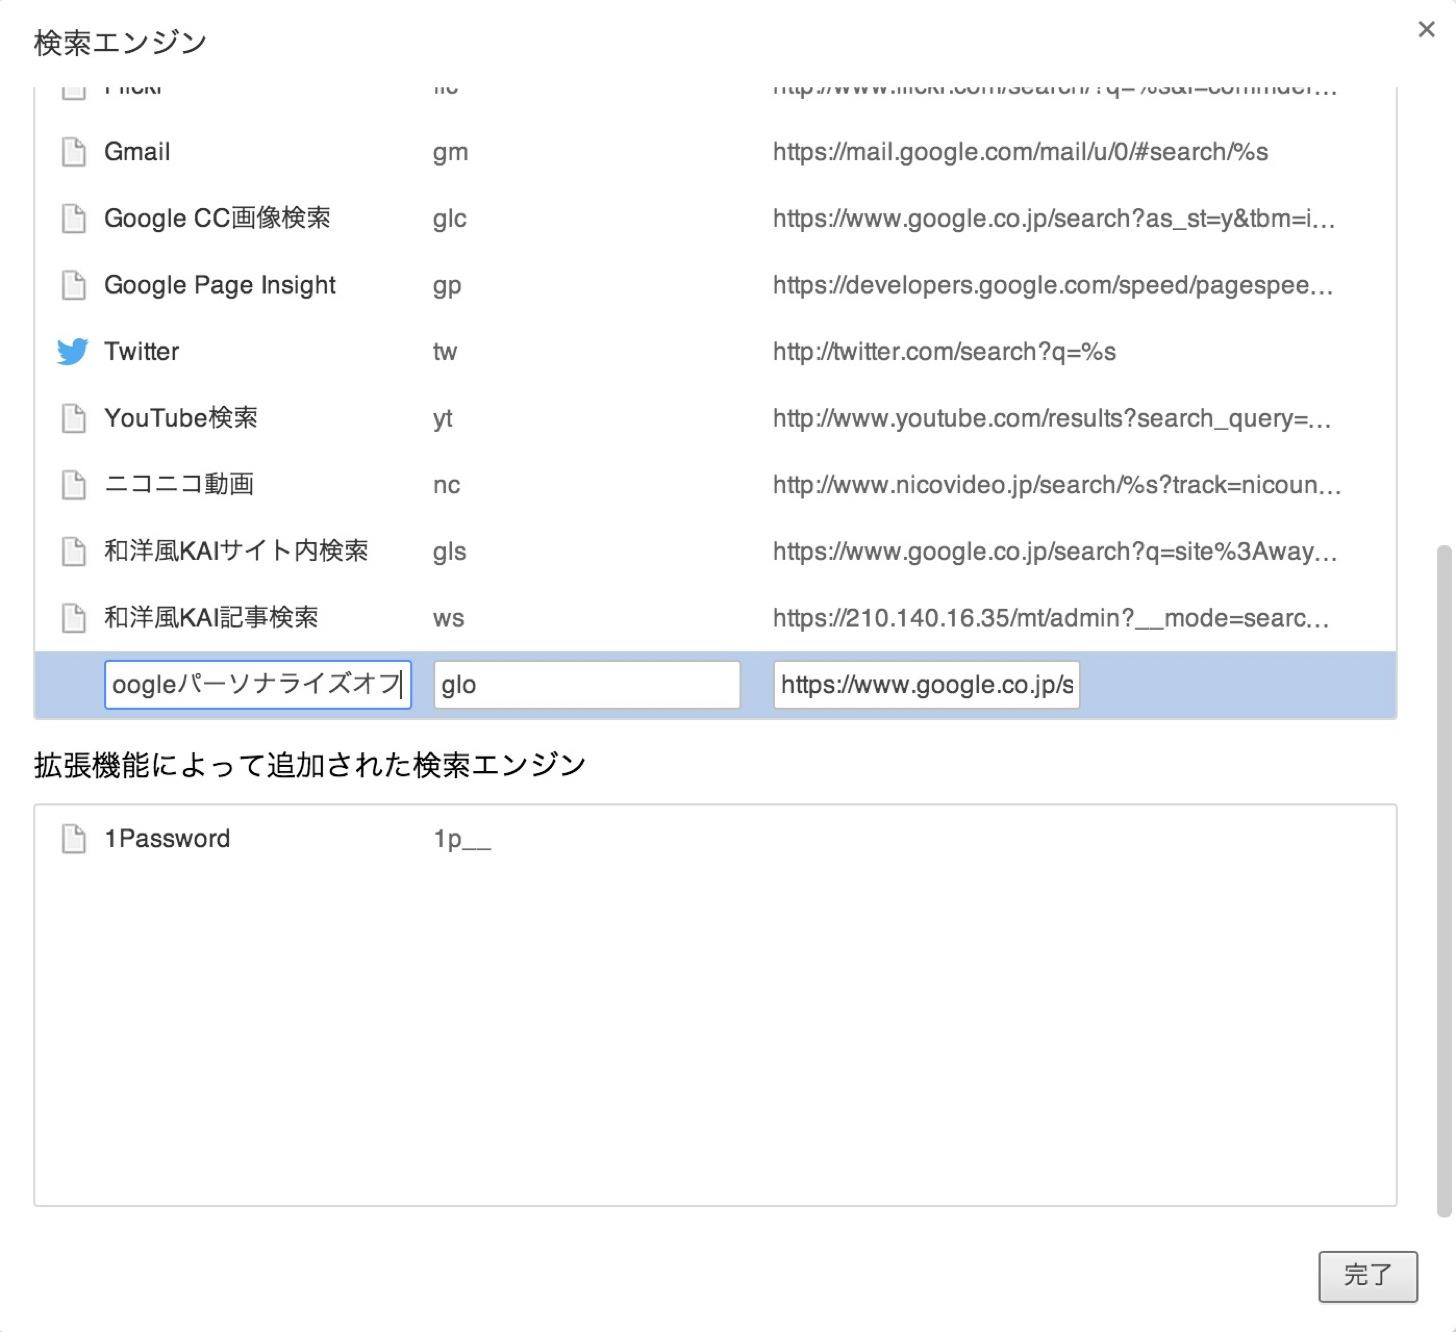 検索エンジンにGoogleパーソナライズオフ検索を追加する